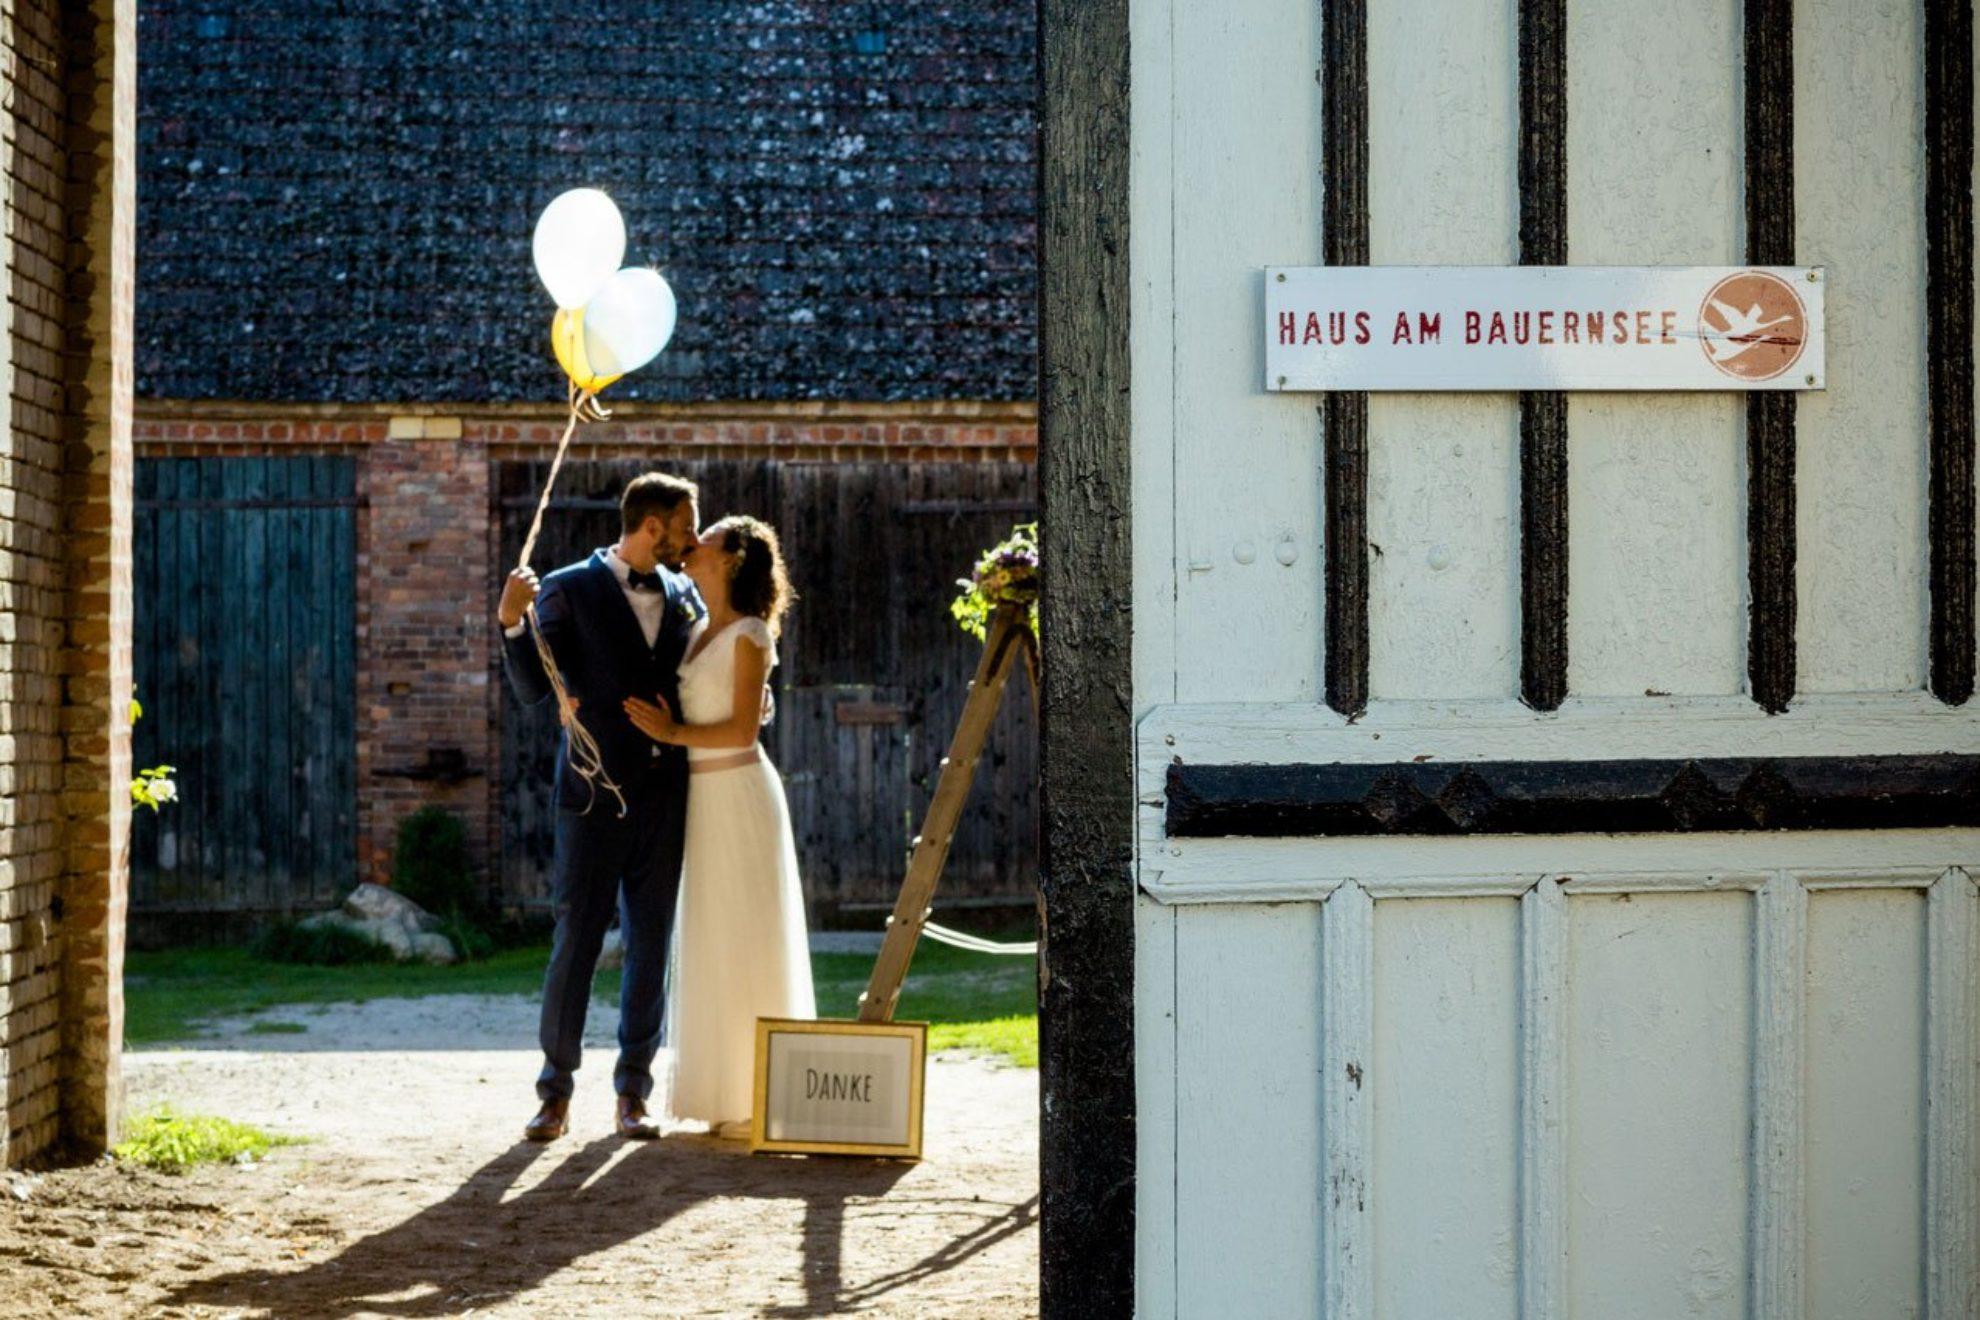 Lina und Maik – Hochzeit Haus am Bauernsee